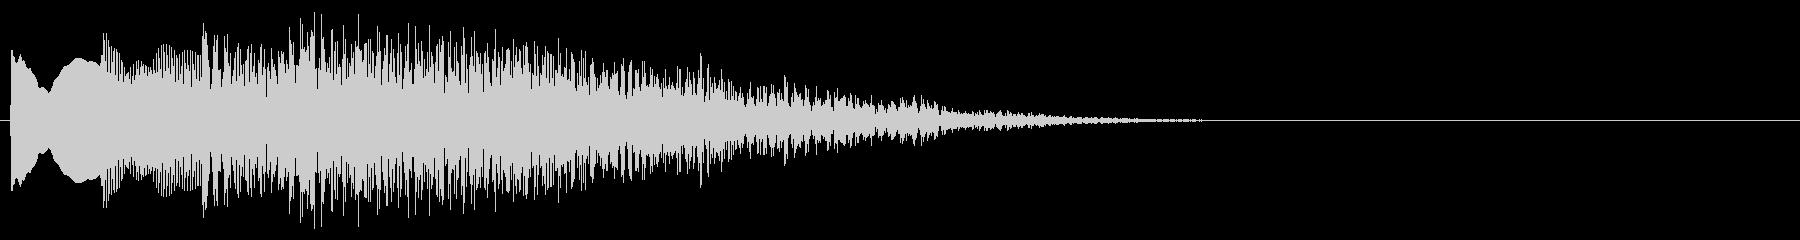 マレット系 決定音14(大)の未再生の波形